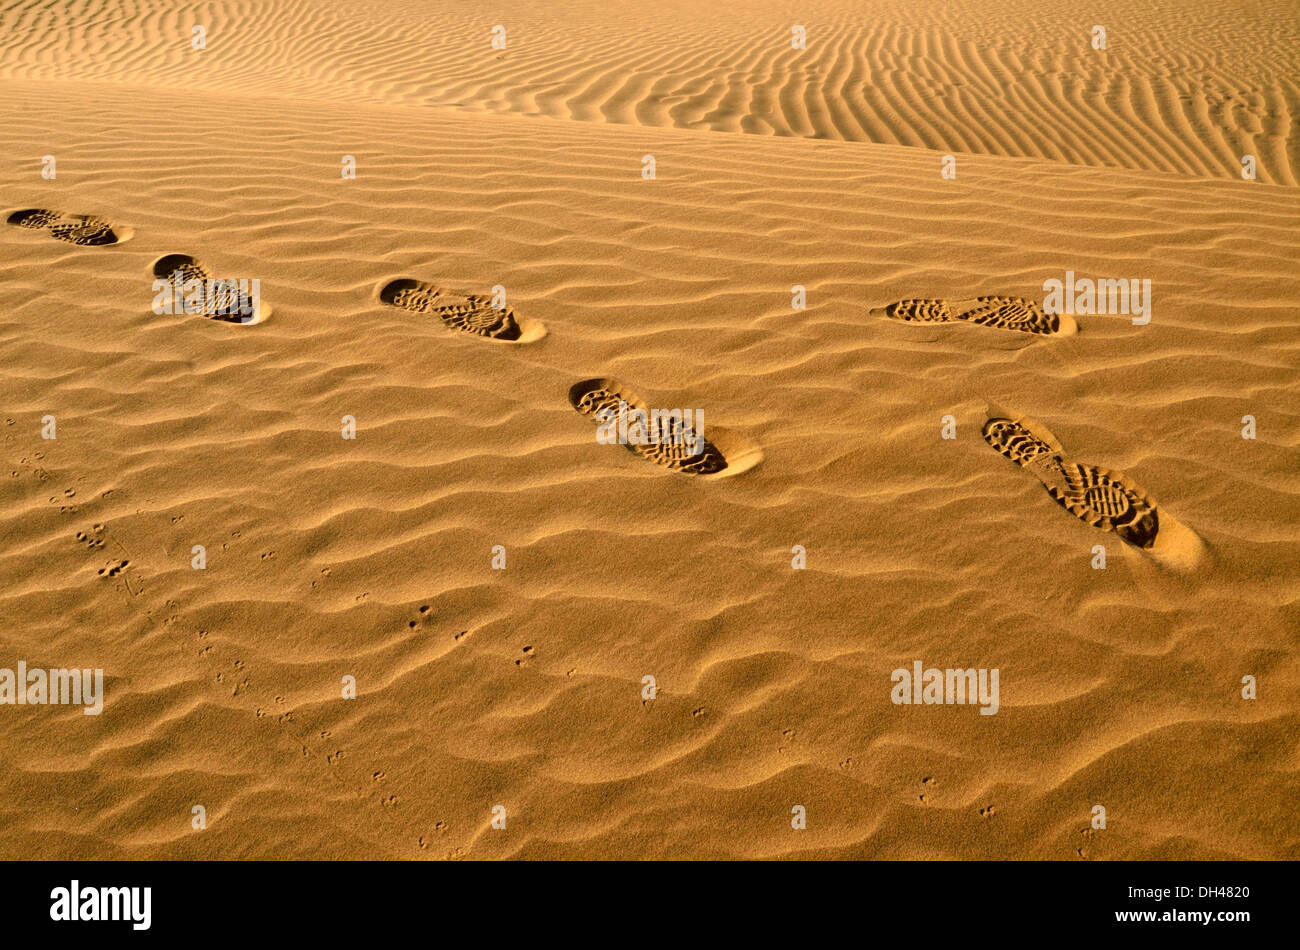 Fuß Schuhabdrücke auf Wüste sand Rajasthan Indien Asien Stockbild